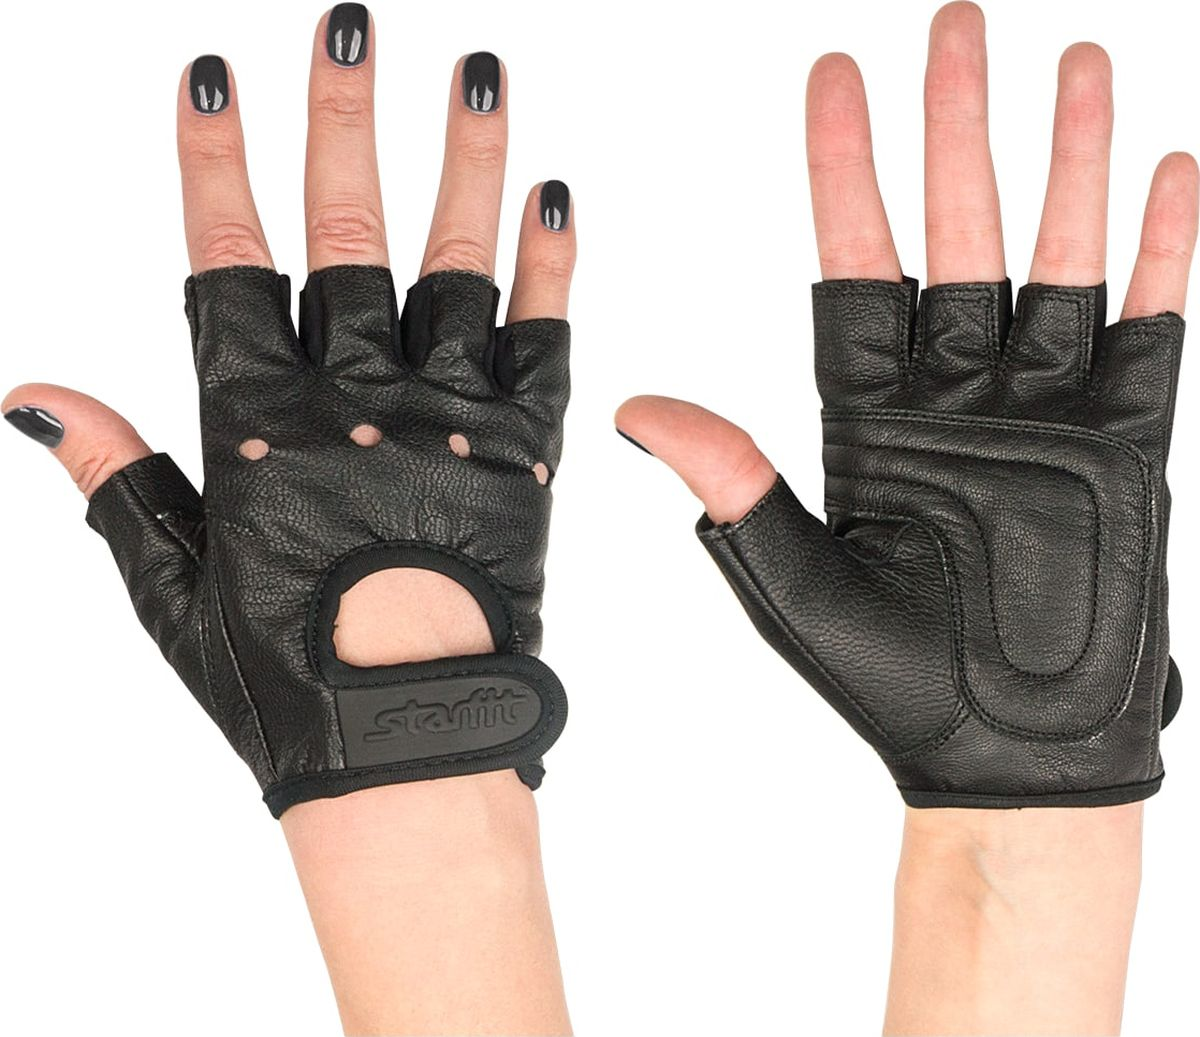 Перчатки для фитнеса Starfit SU-115, цвет: черный. Размер XS00022825Перчатки для фитнеса Star Fit SU-115 необходимы для безопасной тренировки со снарядами (грифы, гантели), во время подтягиваний и отжиманий. Они минимизируют риск мозолей и ссадин на ладонях. Перчатки выполнены из натуральной кожи и текстиля.